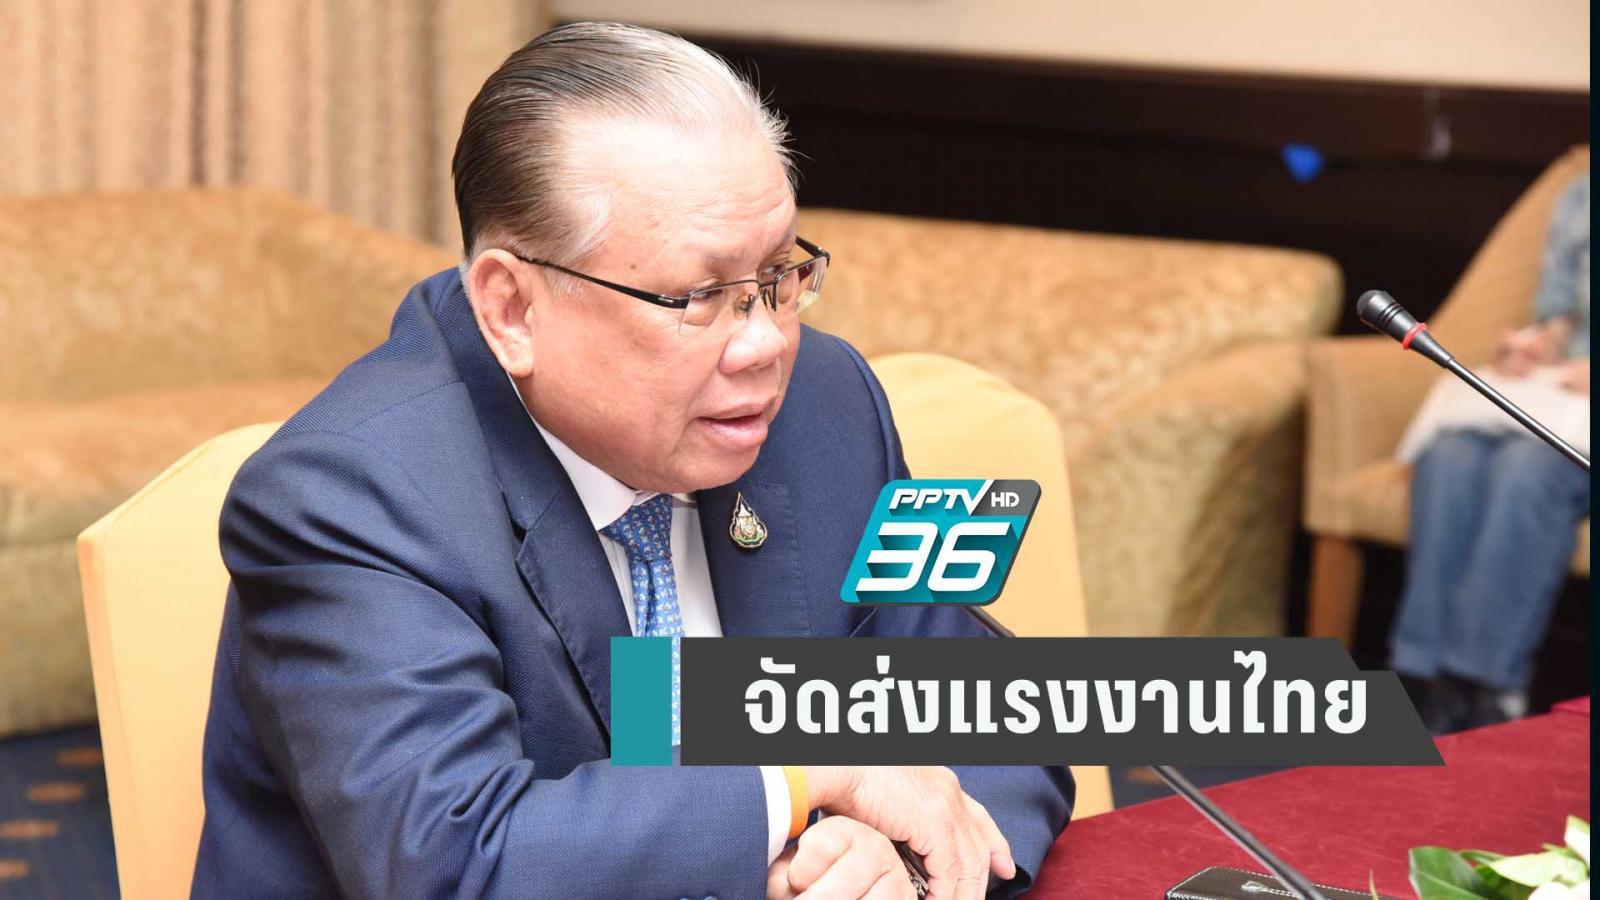 ก.แรงงาน  รับฟังความเห็นกับบริษัทจัดหางานปรับระเบียบจัดส่งคนไทยทำงานตปท.